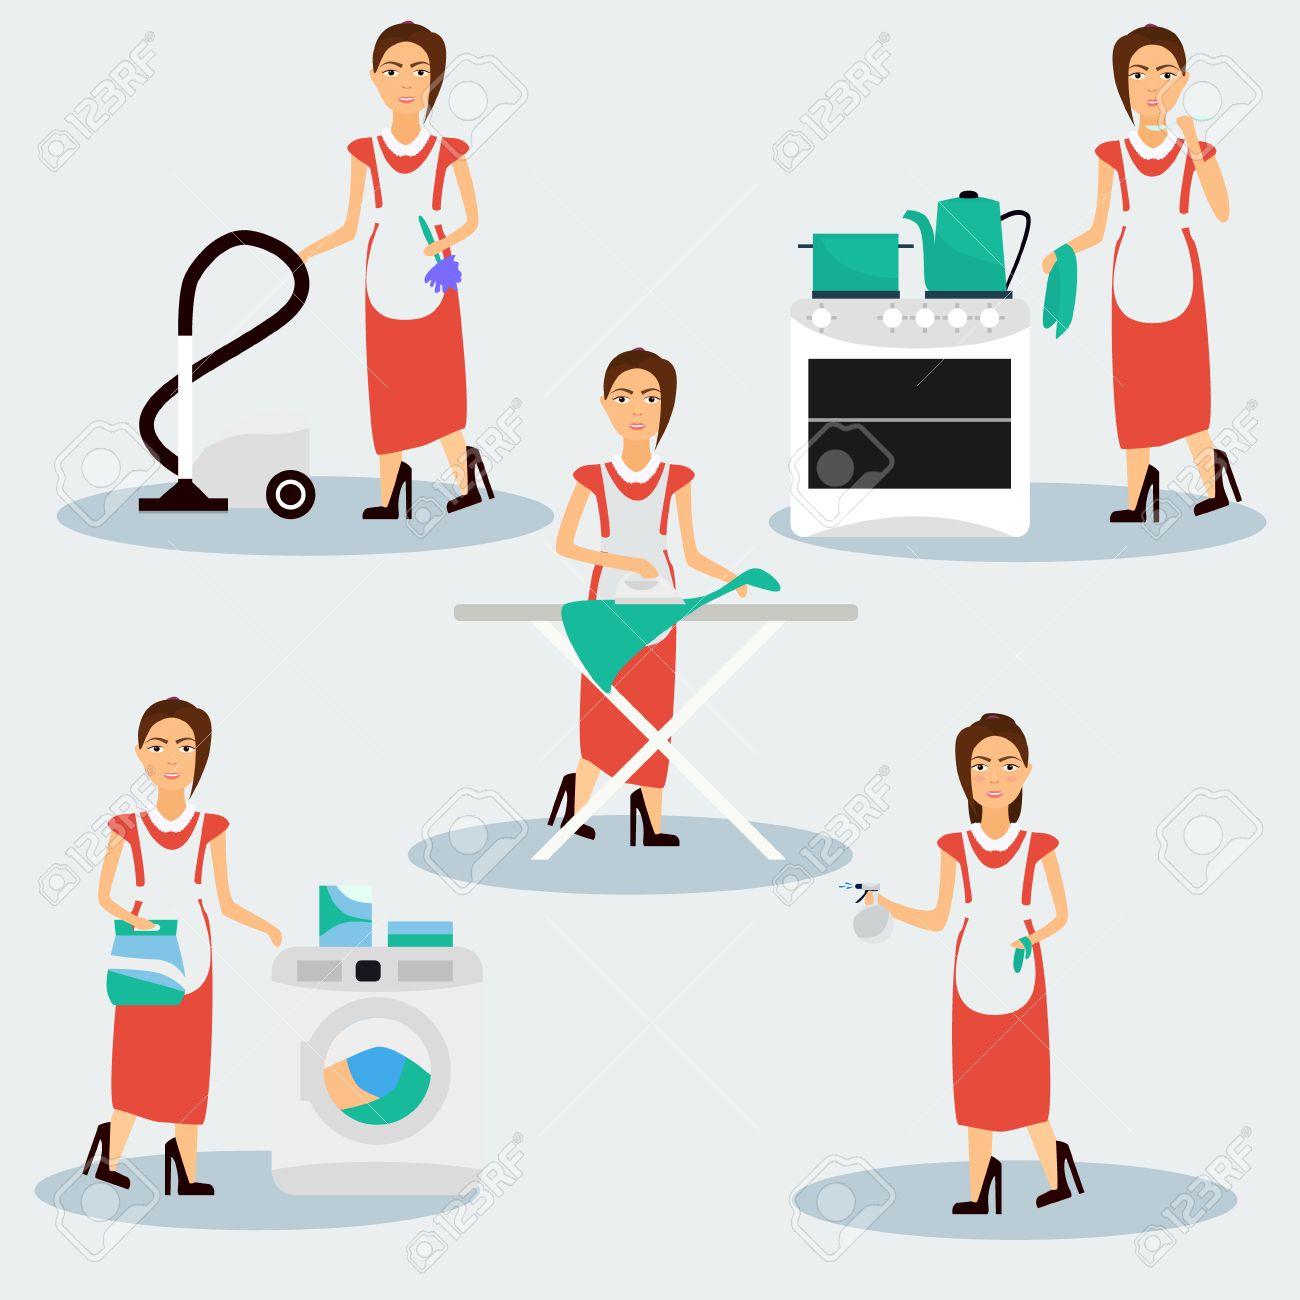 La Multitarea Housewife Ilustración Vectorial Ama De Casa Mujer De Planchar Limpiar Cocinar Y Lavar Ilustraciones Vectoriales Clip Art Vectorizado Libre De Derechos Image 62783595